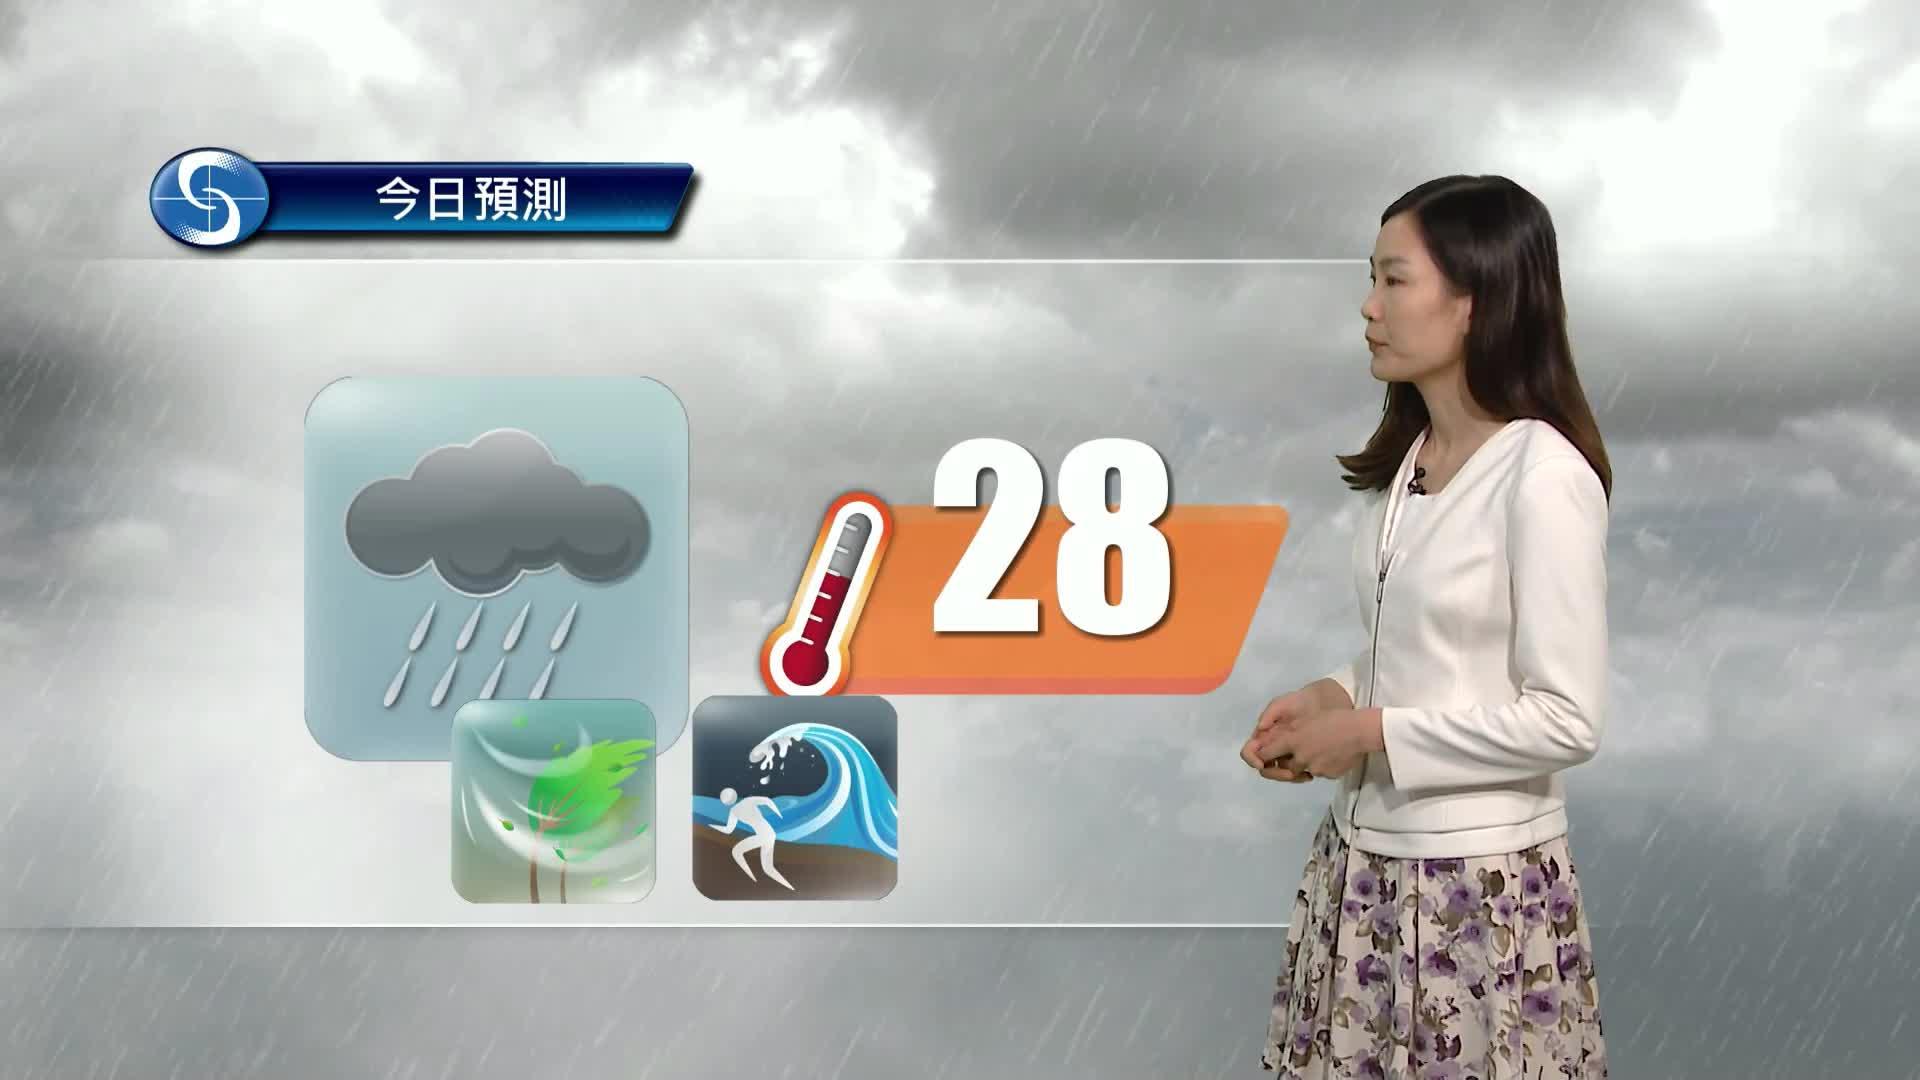 早晨天氣節目(07月20日上午7時) - 科學主任李鳳瑩